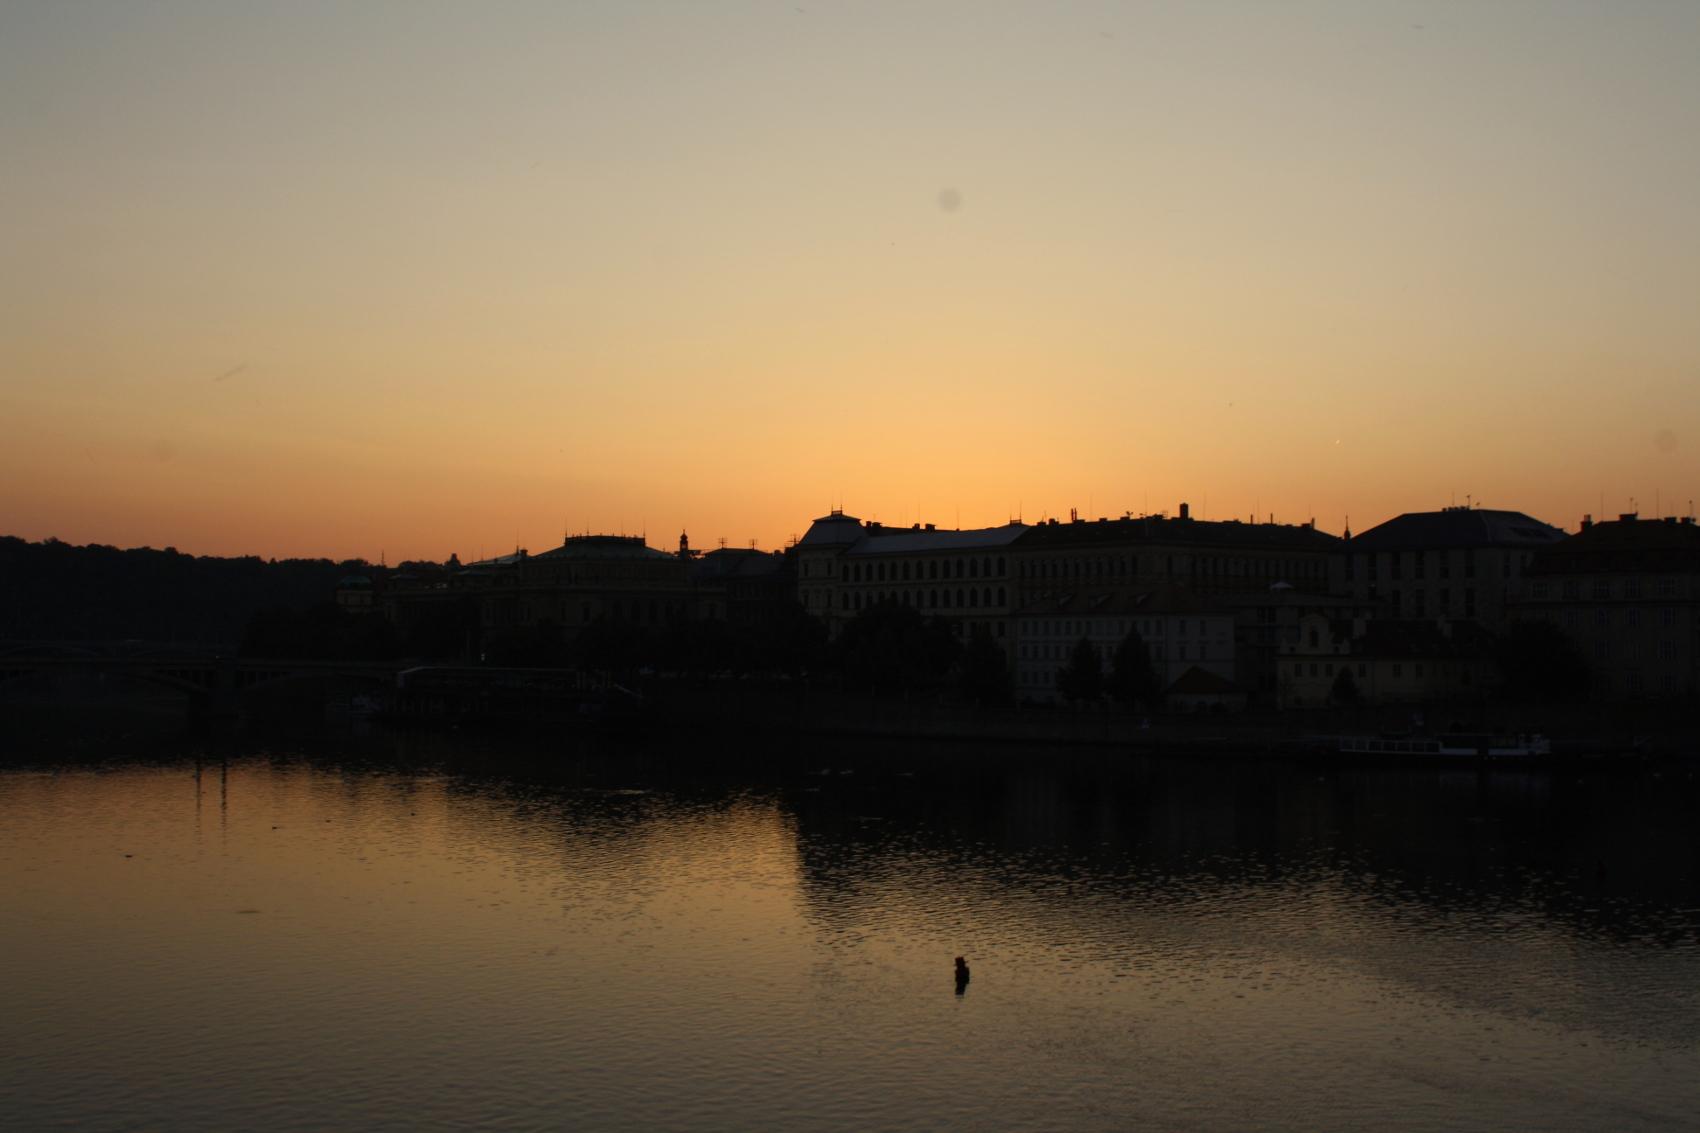 Lever du soleil depuis le Pont Saint-Charles